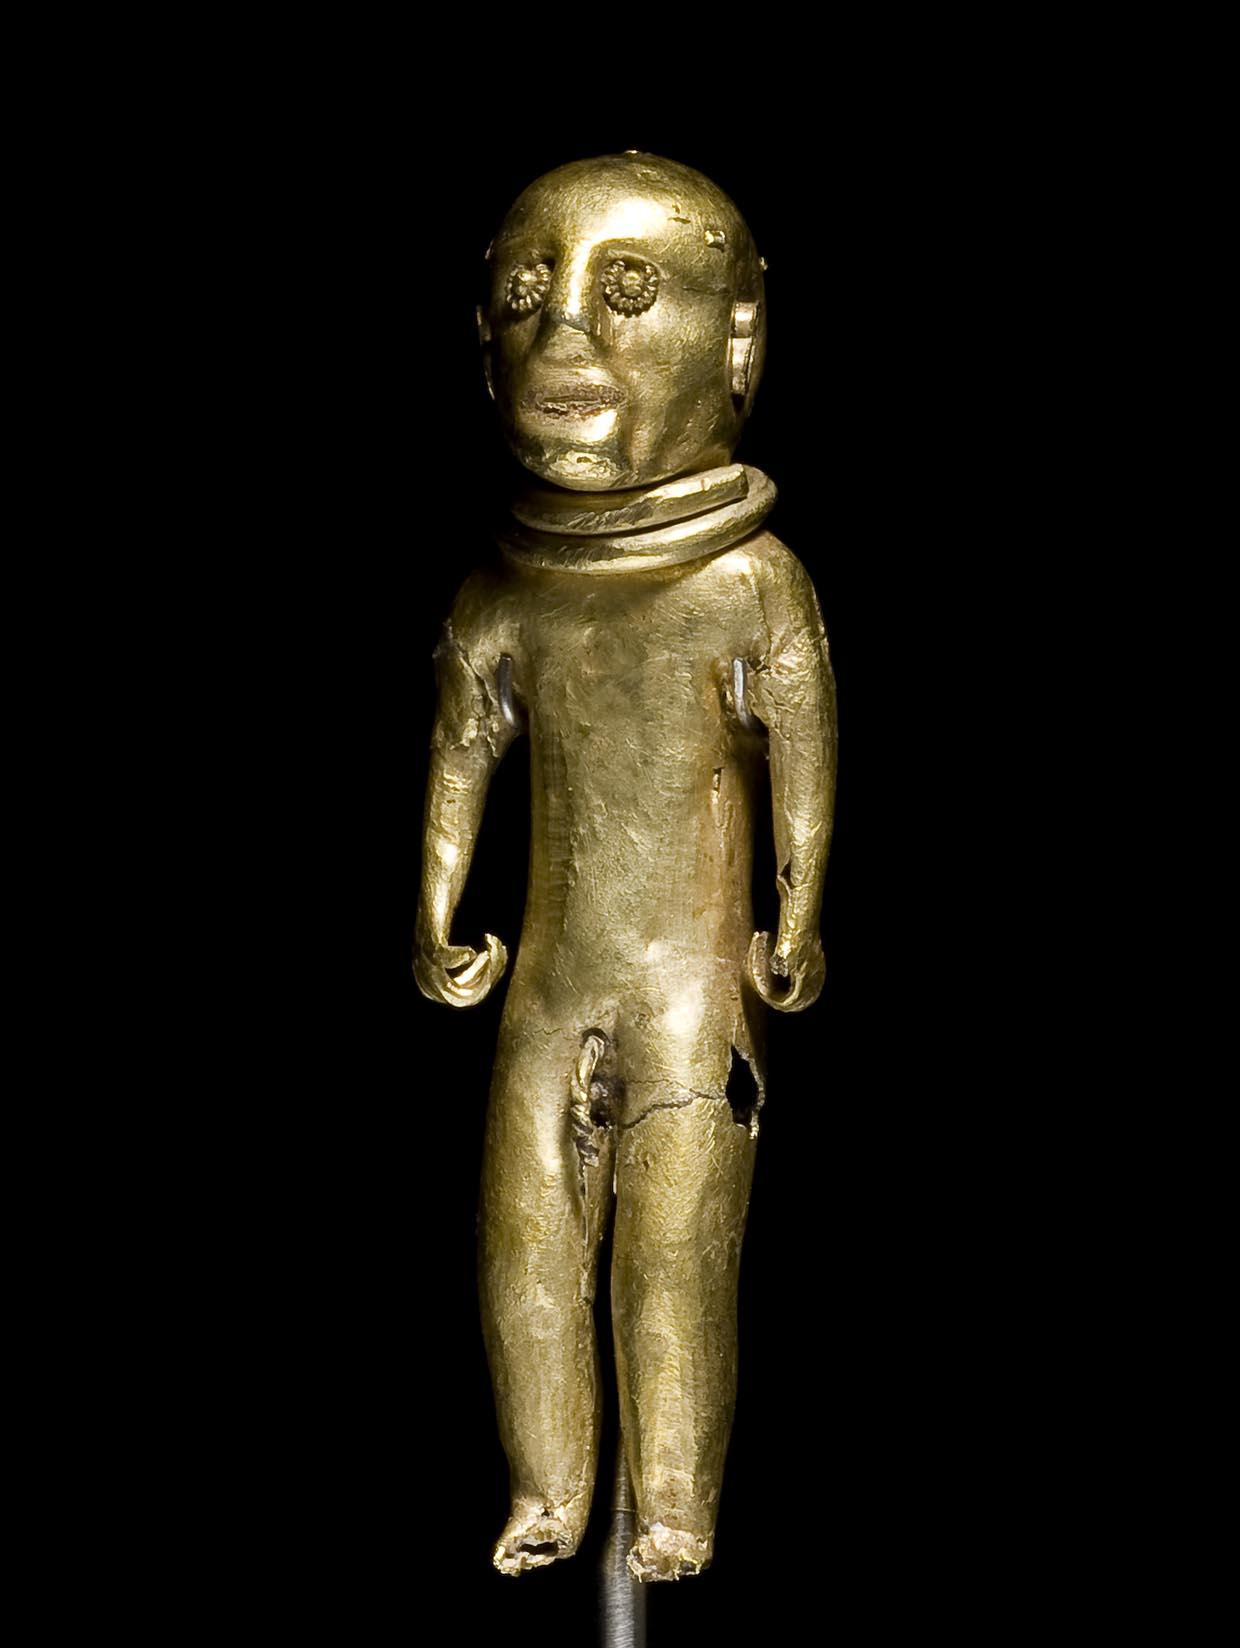 Figur fra Slipshavn Skov, 500 f.Kr – 1050 e.Kr. Nationalmuseet. Foto: Roberto Fortuna og Kira Ursem